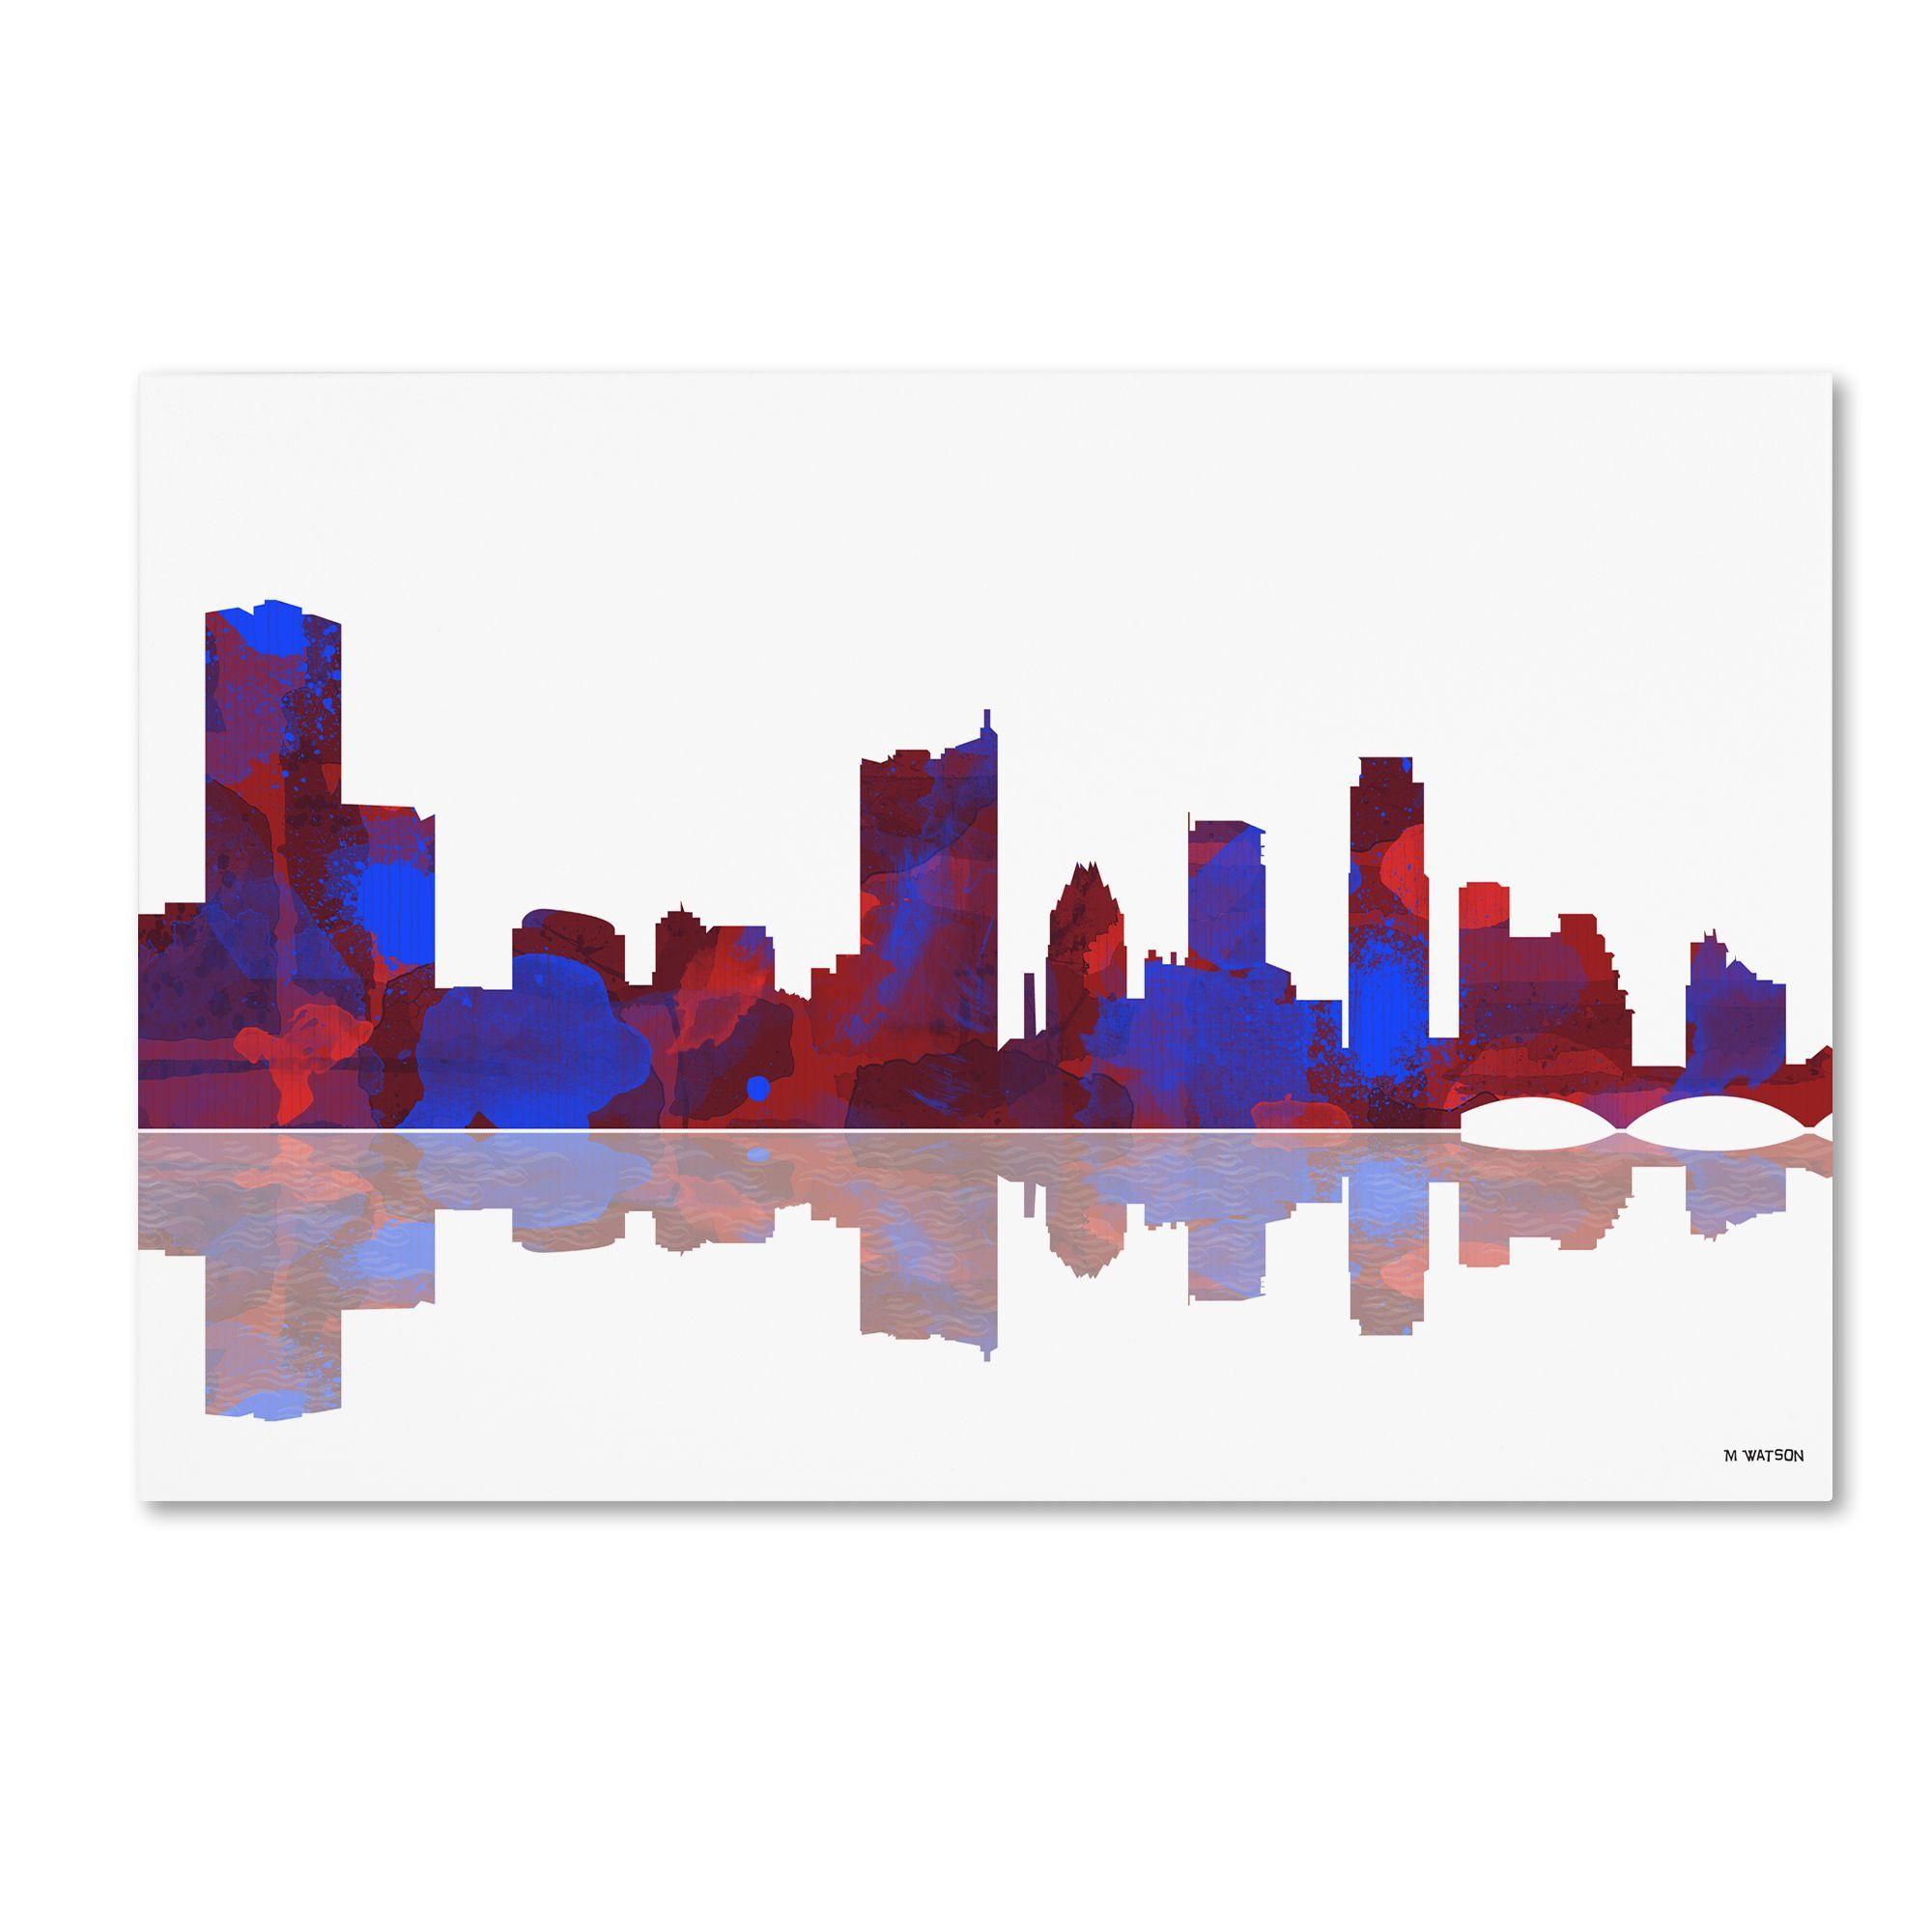 Marlene watson uaustin texas skylineu wall art products